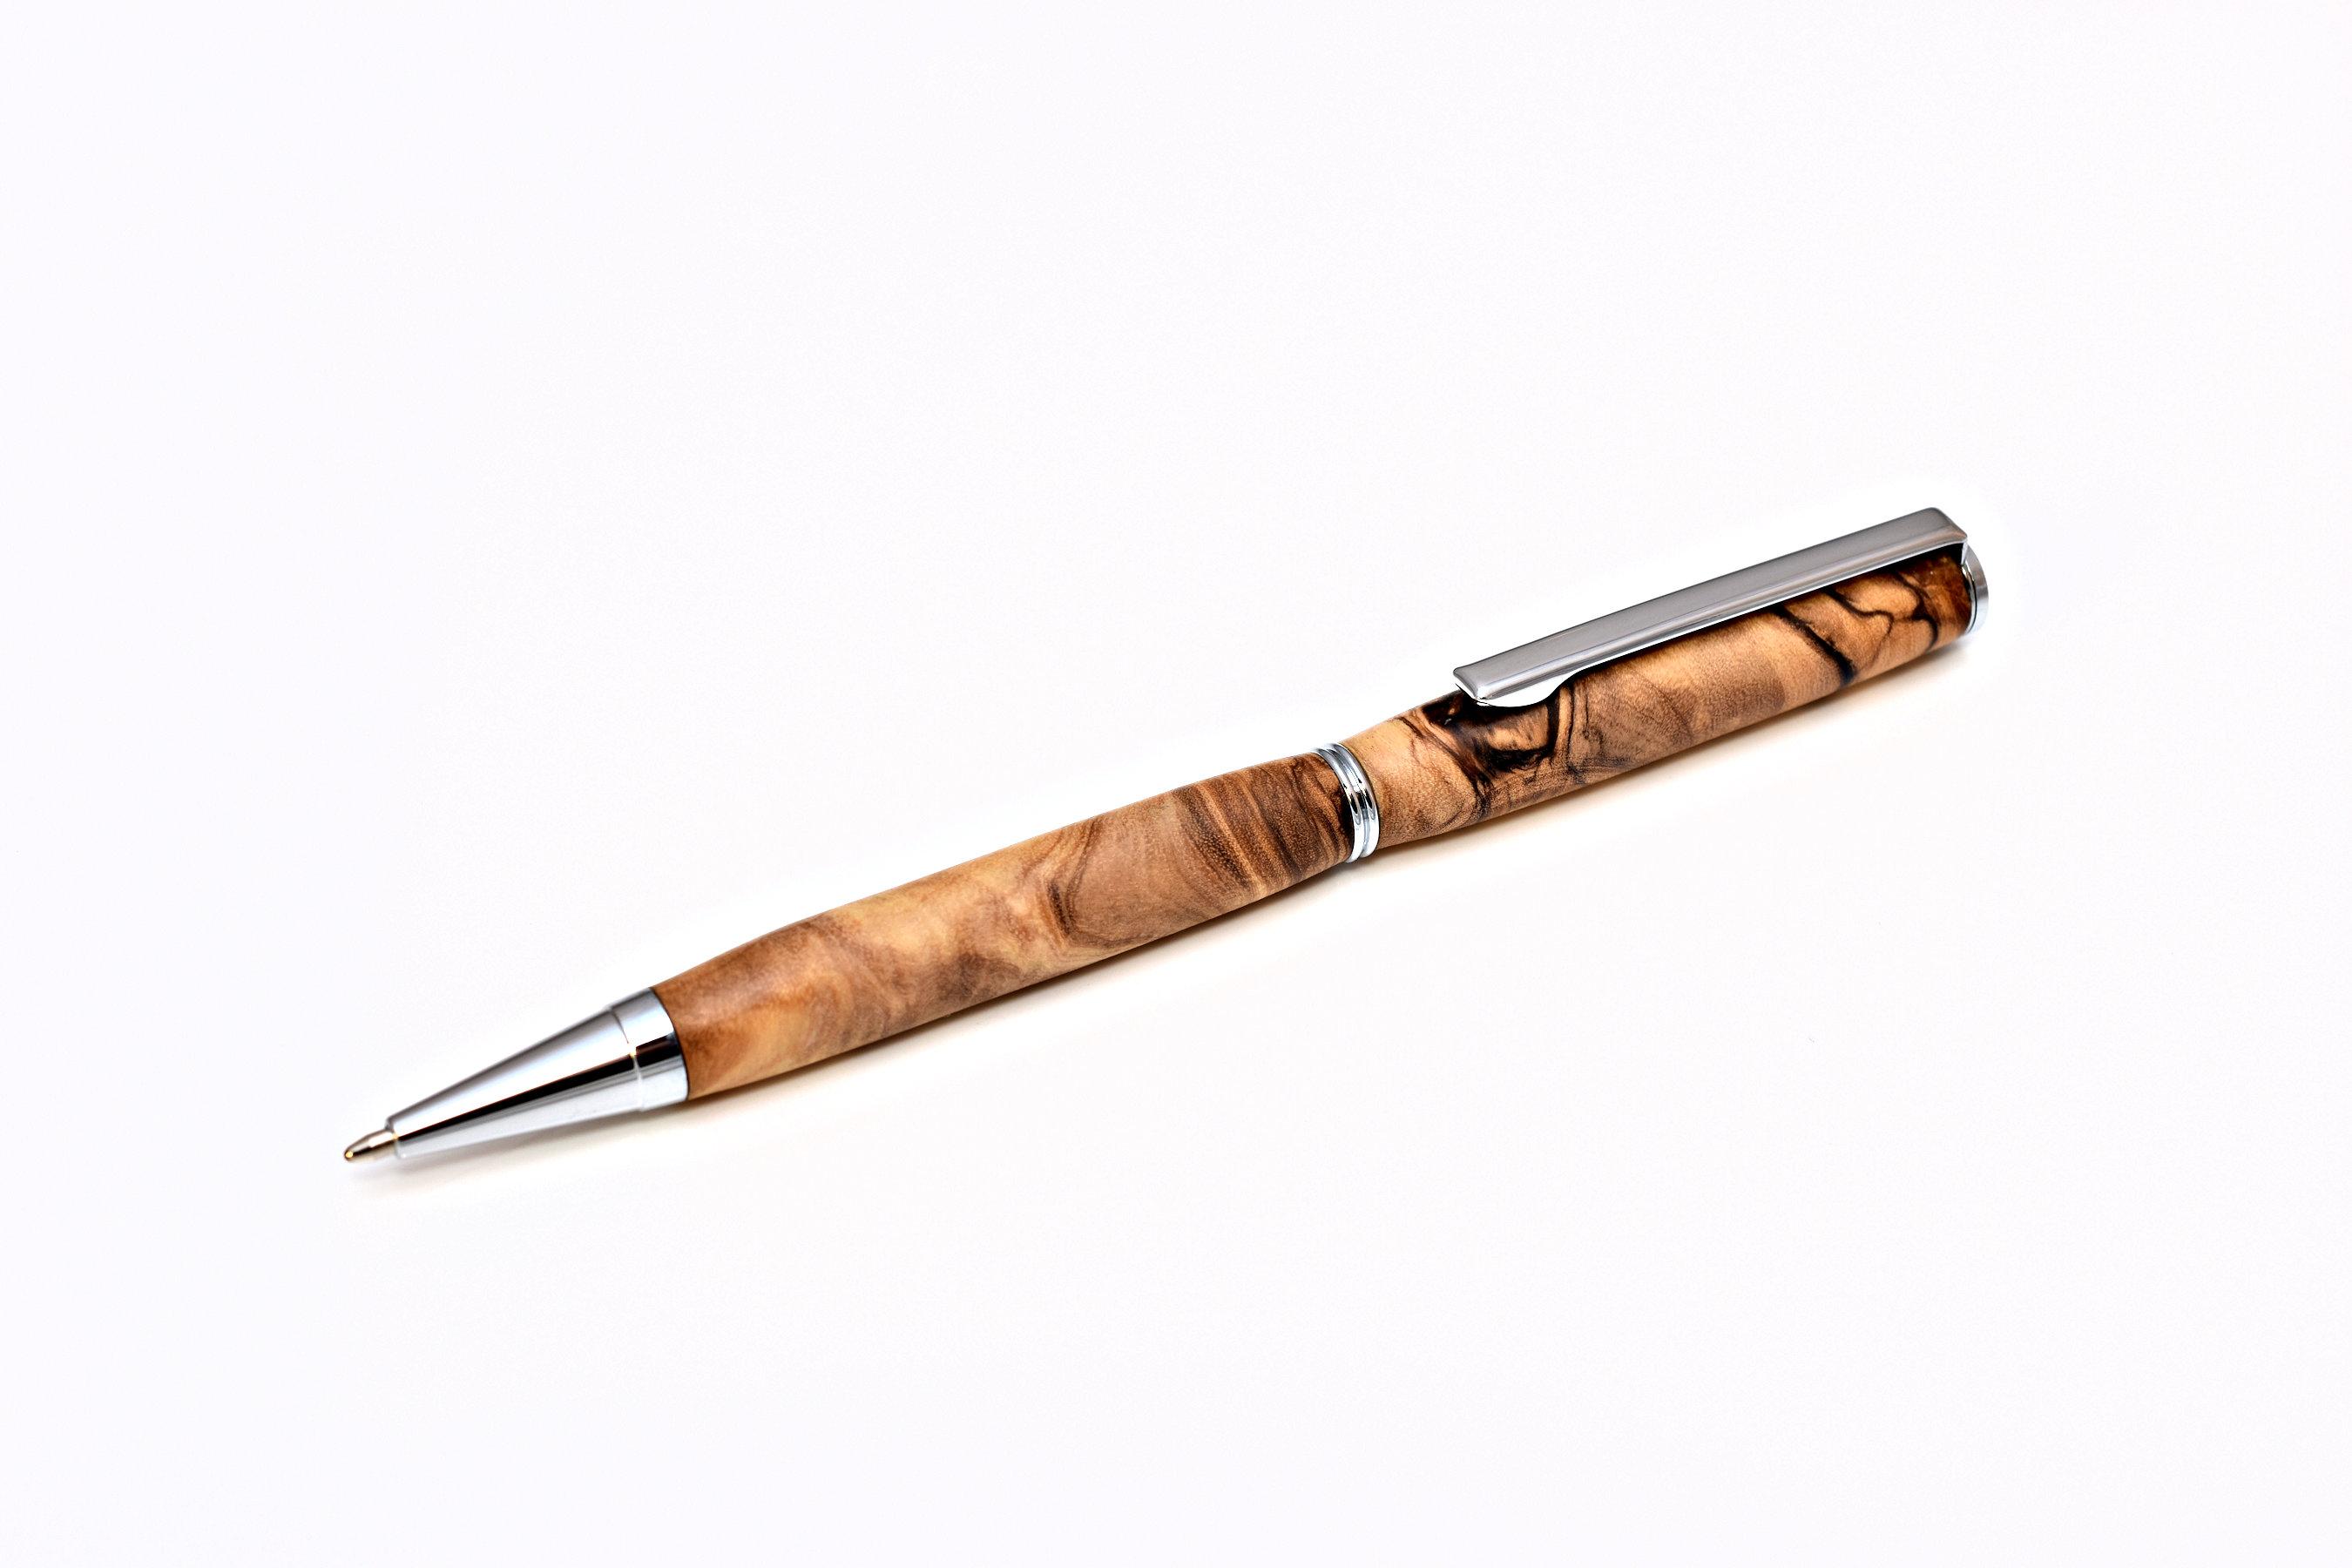 Olivenholz Kugelschreiber schmal